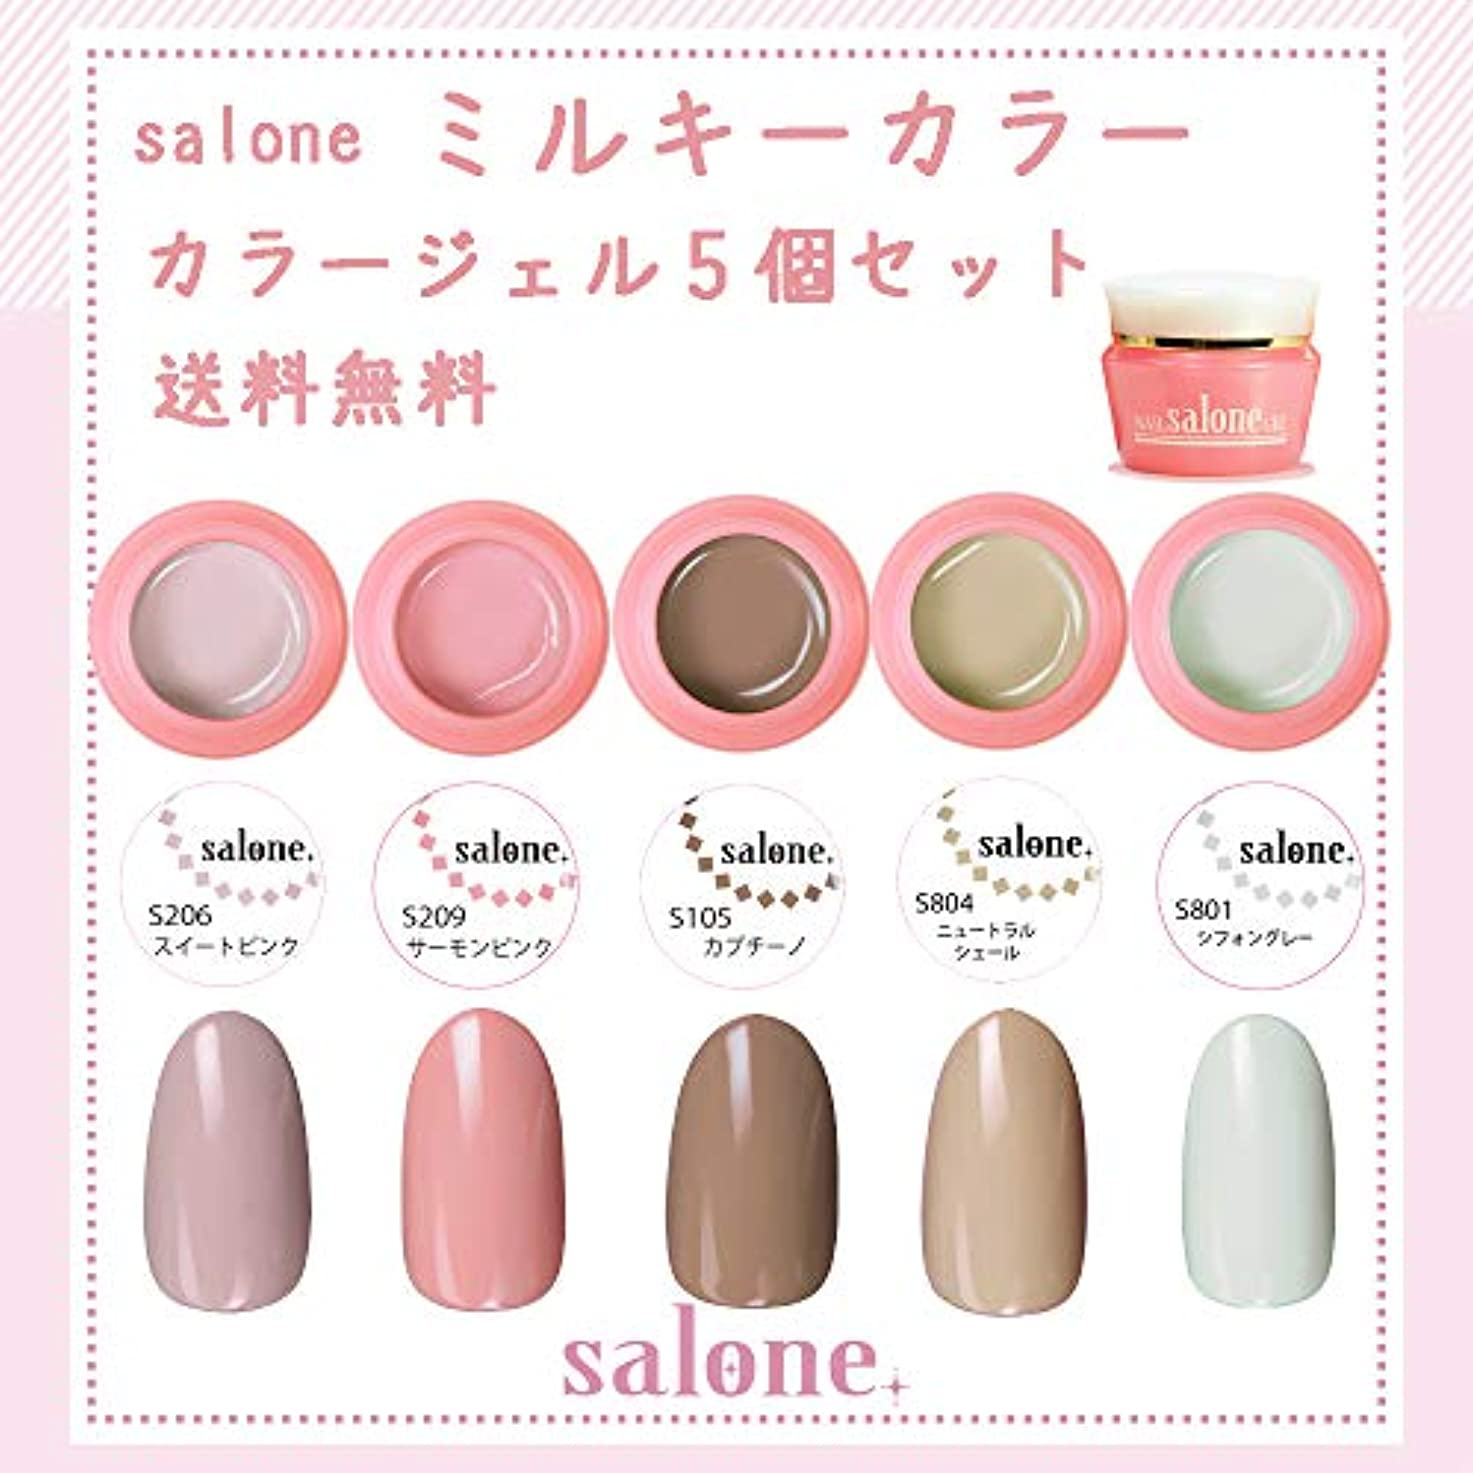 アフリカクレジット宗教的な【送料無料 日本製】Salone ミルキーカラージェル5個セット 暖かく大人可愛いトレンドカラー